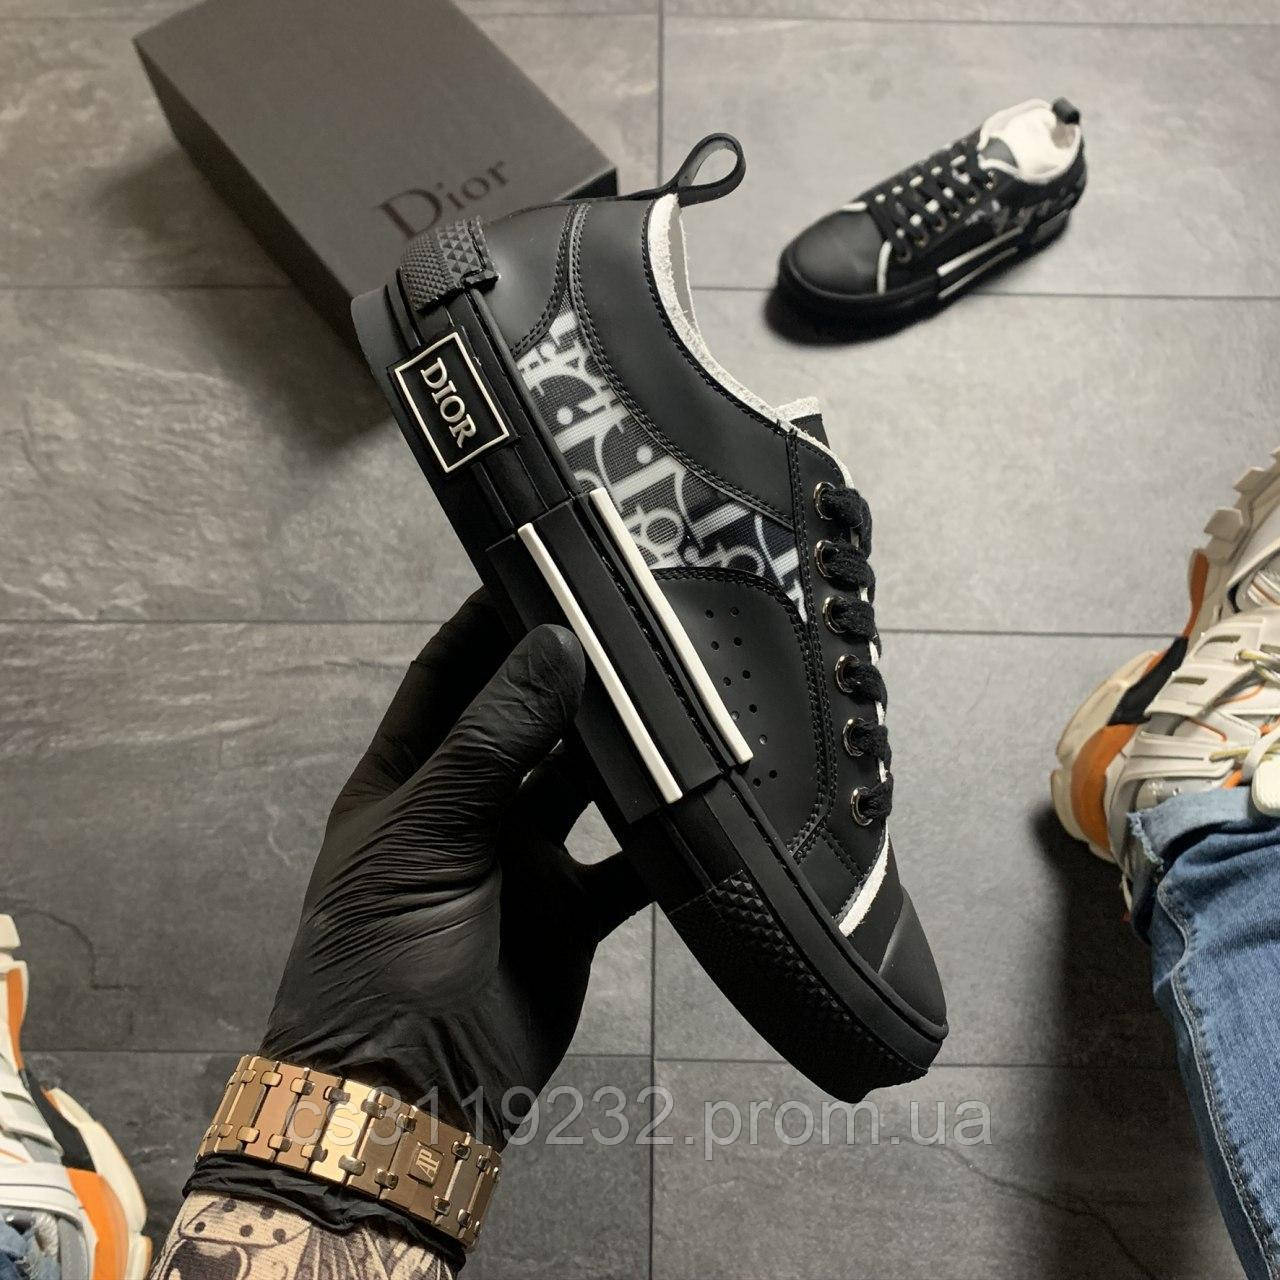 Женские кроссовки Dior  B23 Low-Top Sneakers Black (черный)